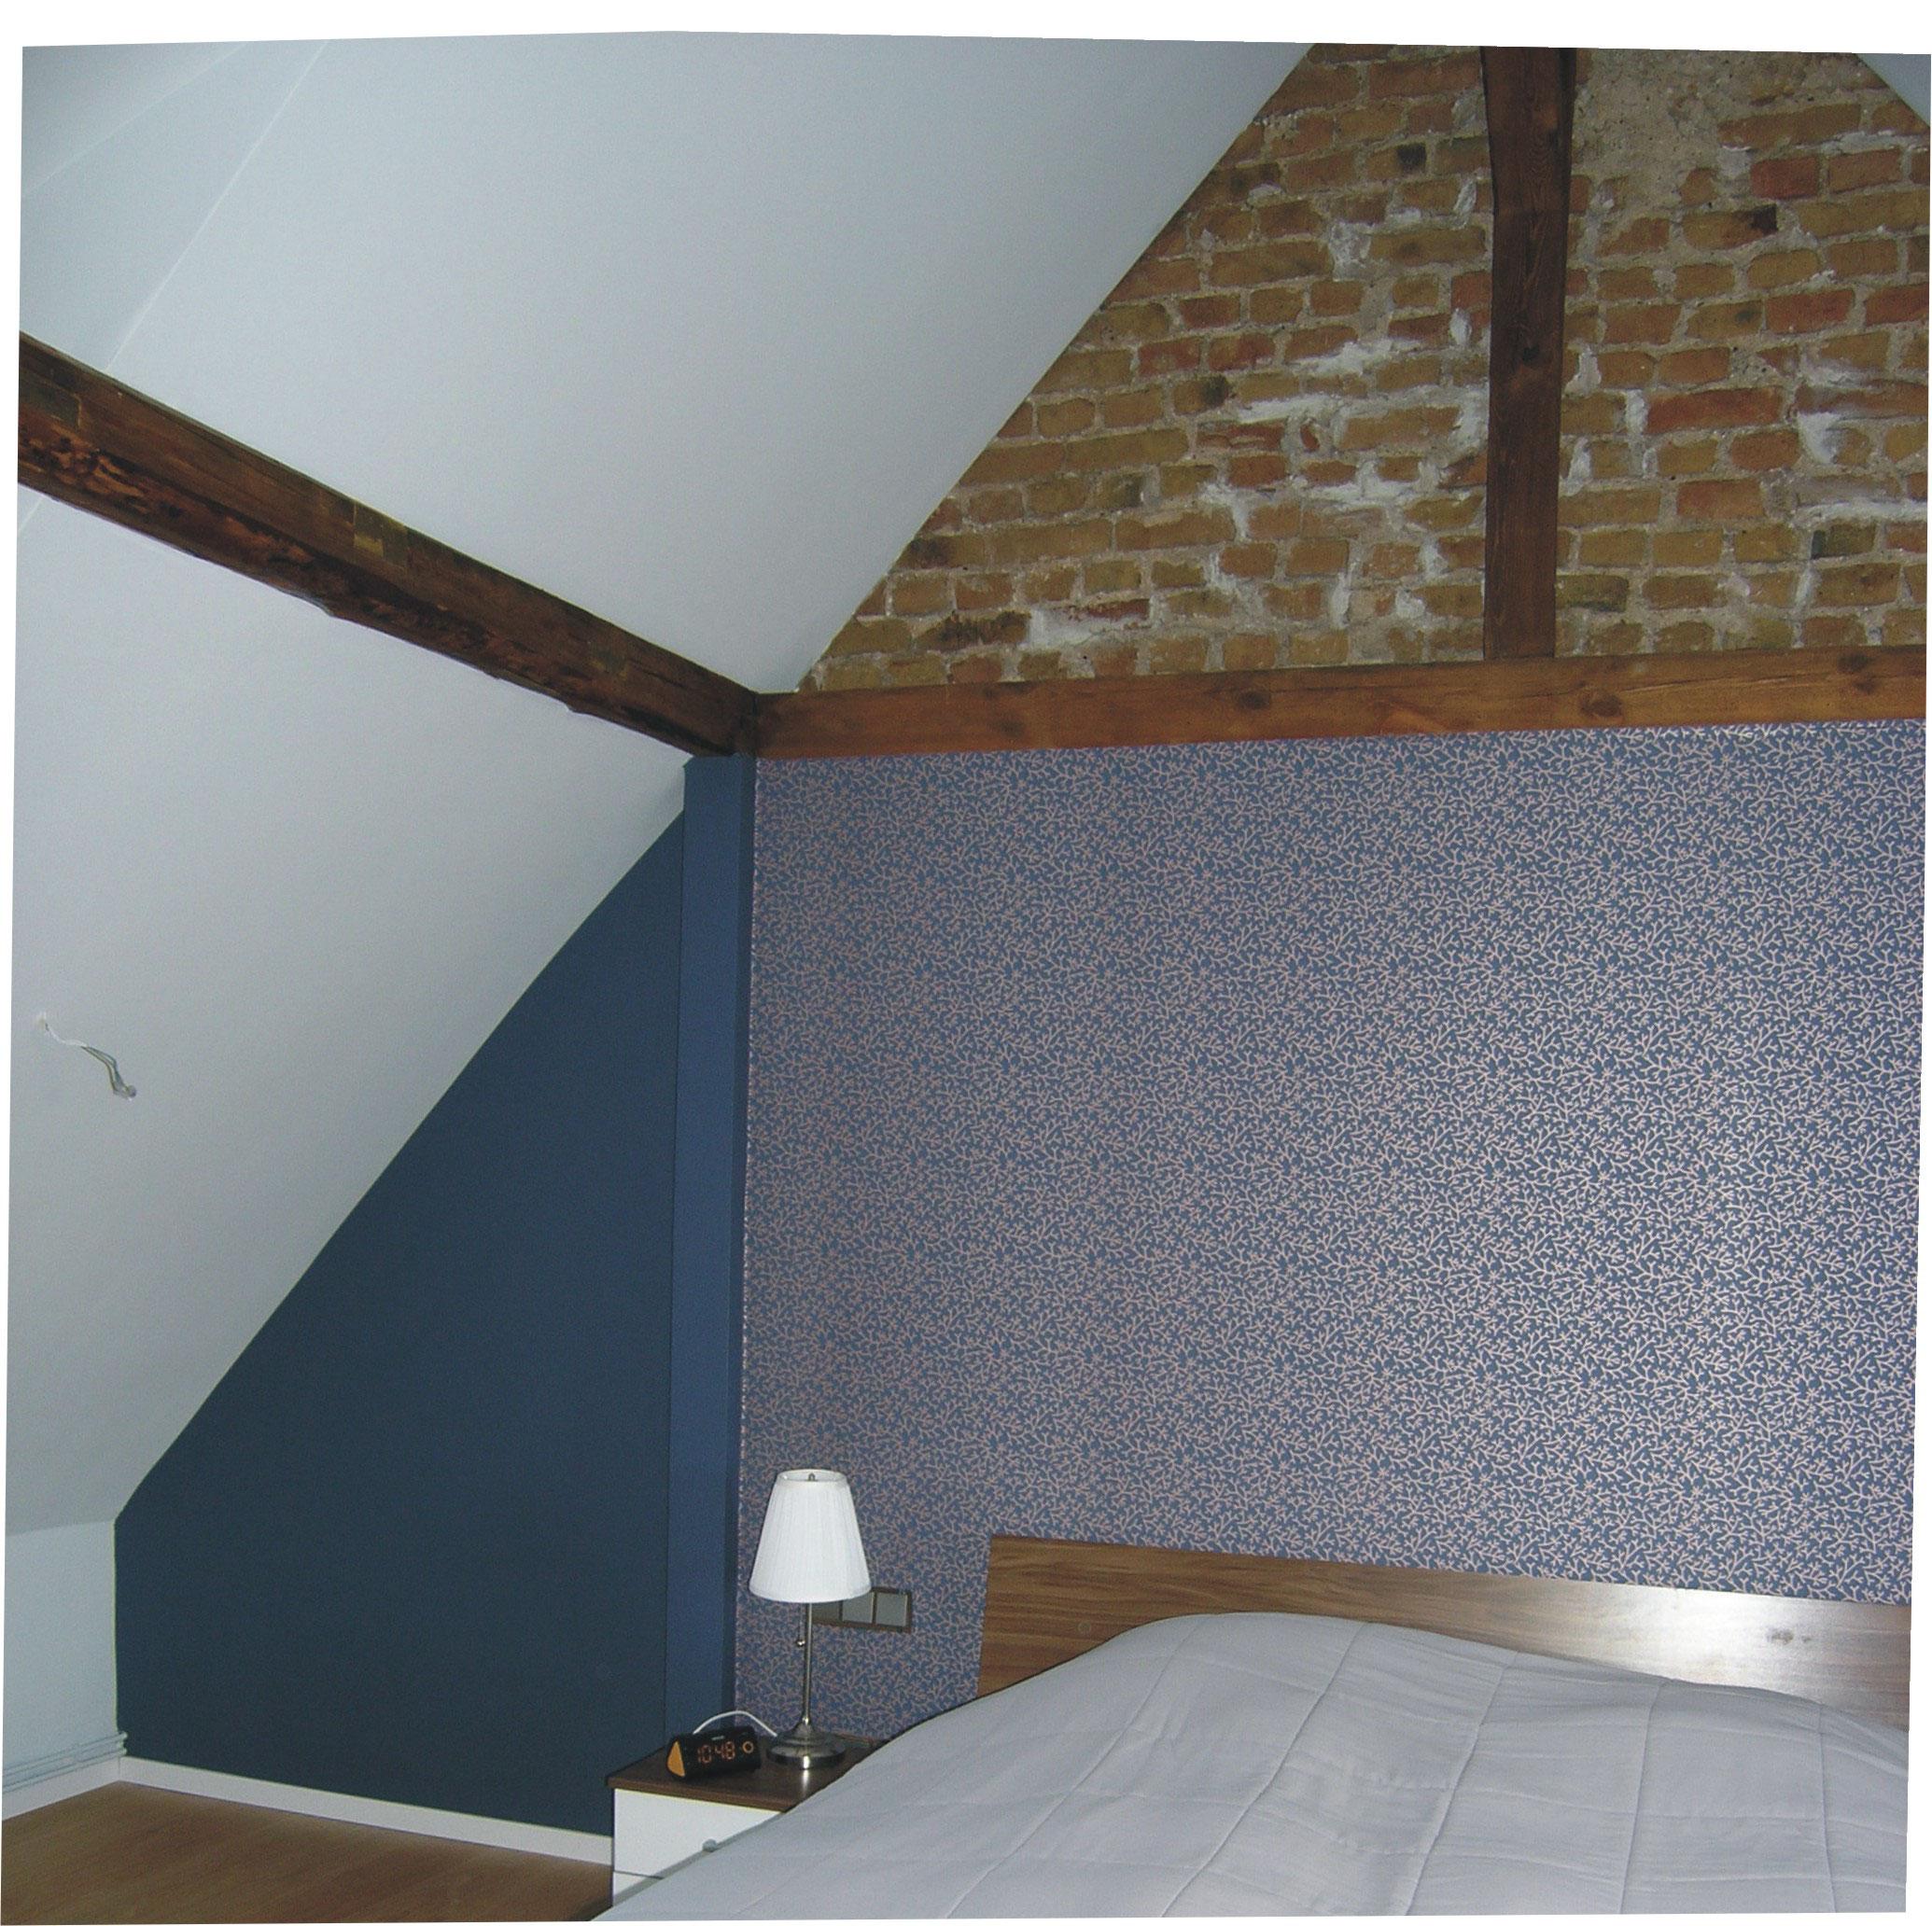 entkernung dachausbau f r ein schlafzimmer erhaltung der natursteine akzentwand mit tapete. Black Bedroom Furniture Sets. Home Design Ideas